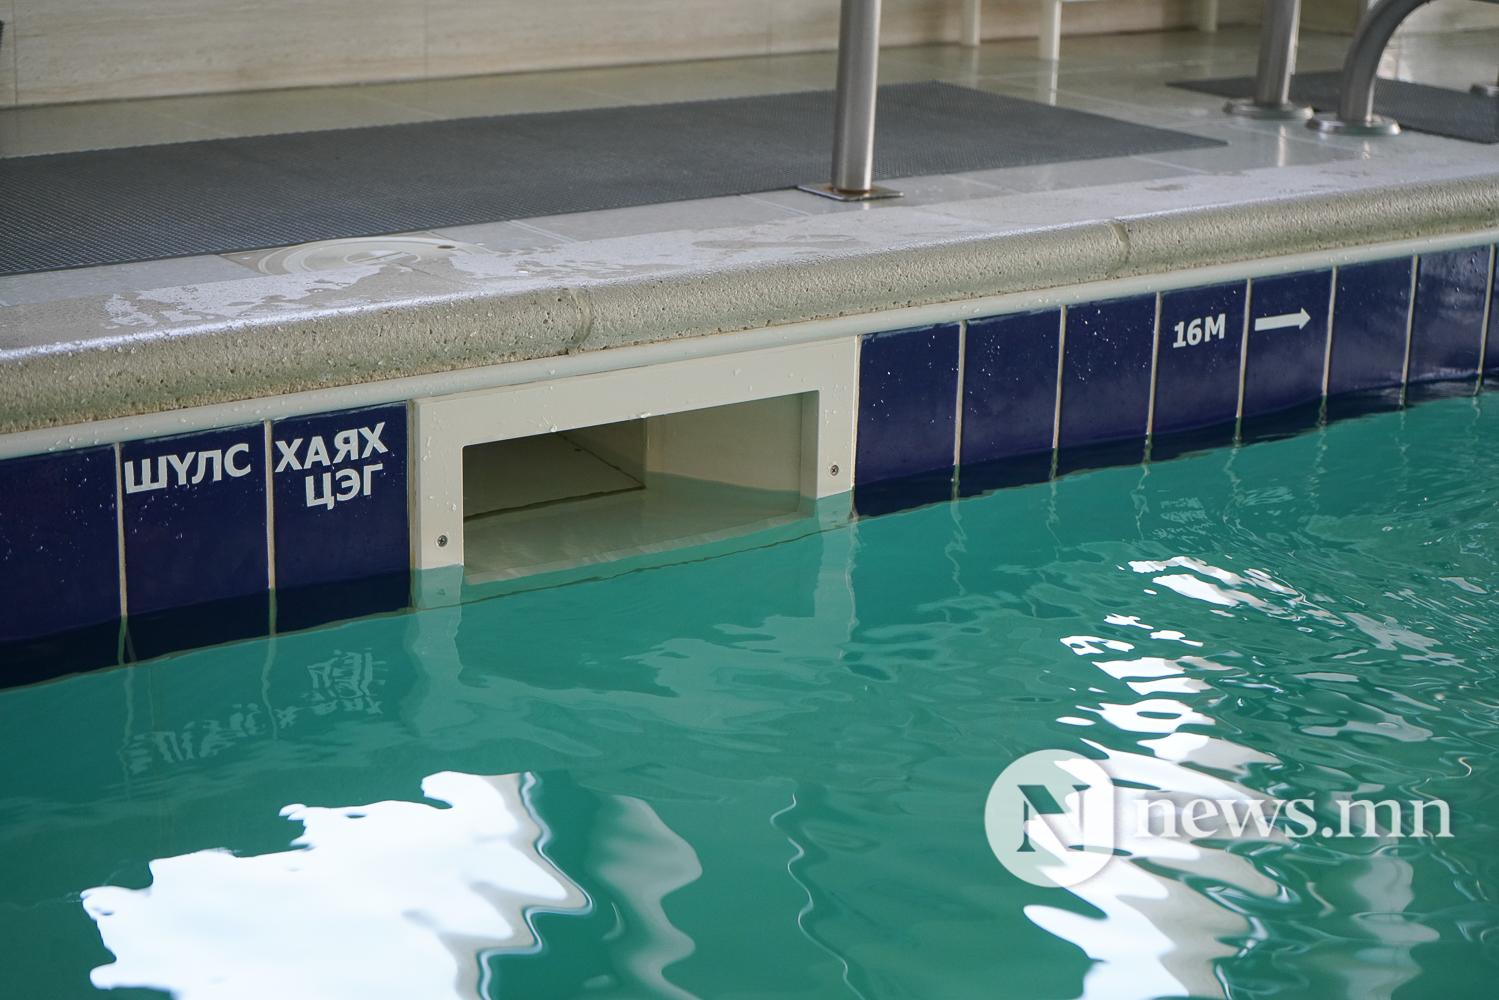 Усан спорт сургалтын төвүүд (18 of 20)